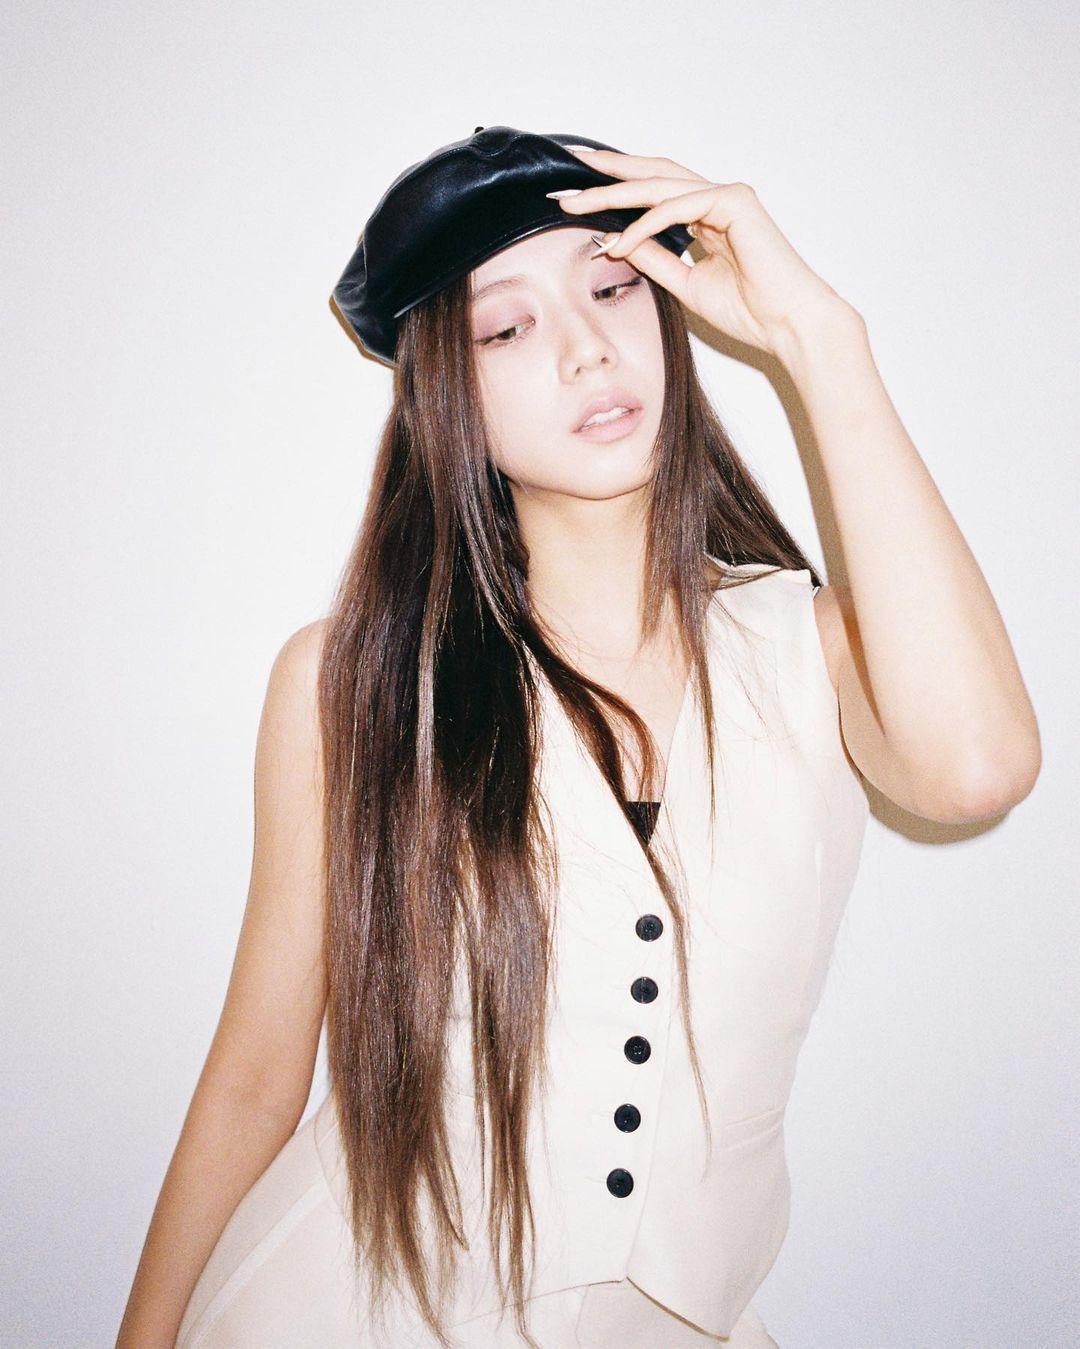 Chán tóc xoăn thì chị em hãy chuyển phỏm sang tóc duỗi thẳng tưng với 4 kiểu siêu sang sau đây-8